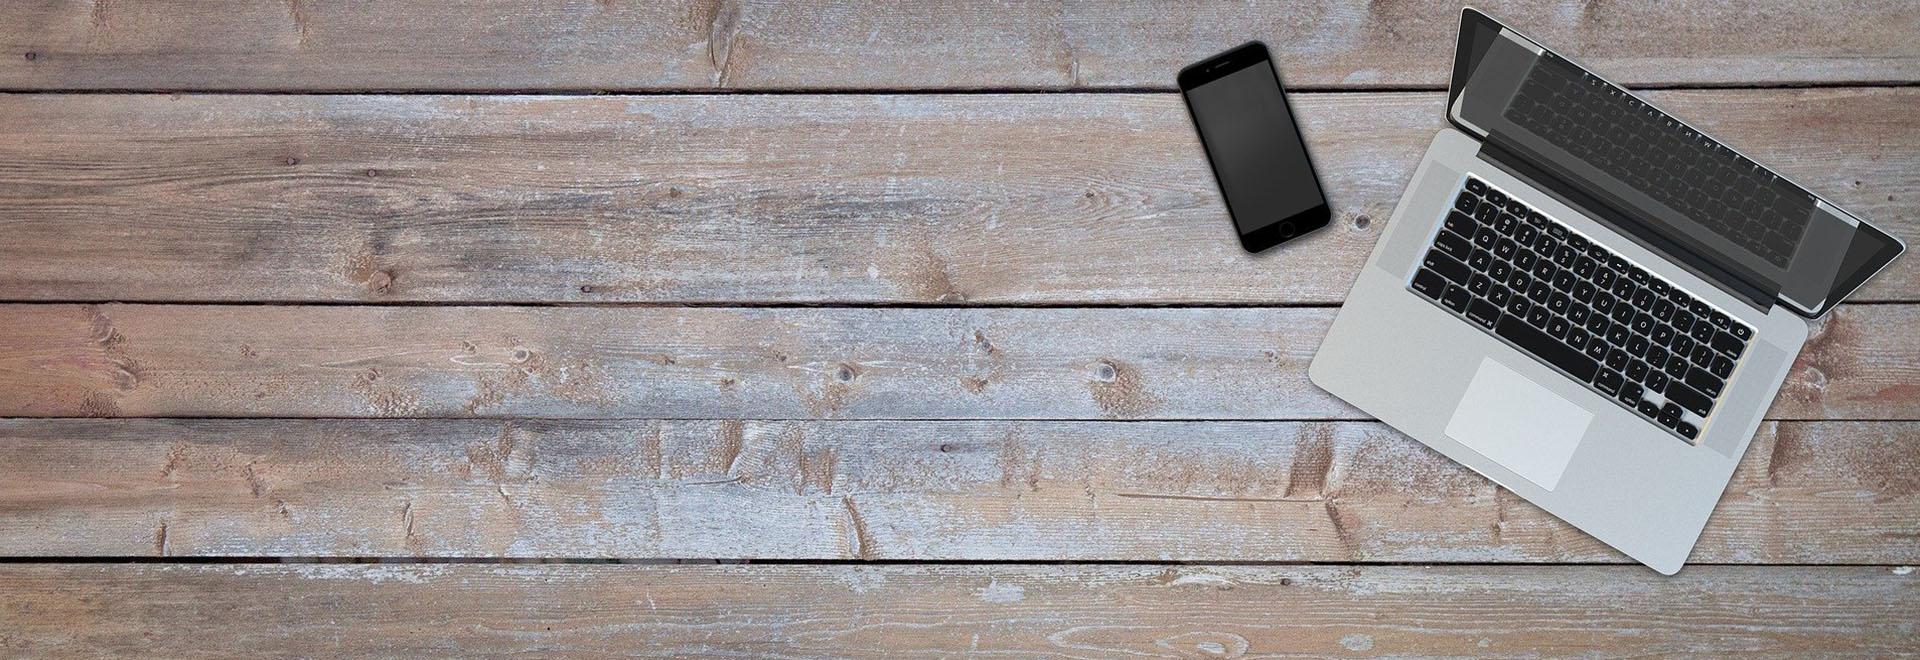 Auf diesem Bild ist ein Laptop und Smartphone von oben auf einem Tisch zu sehen